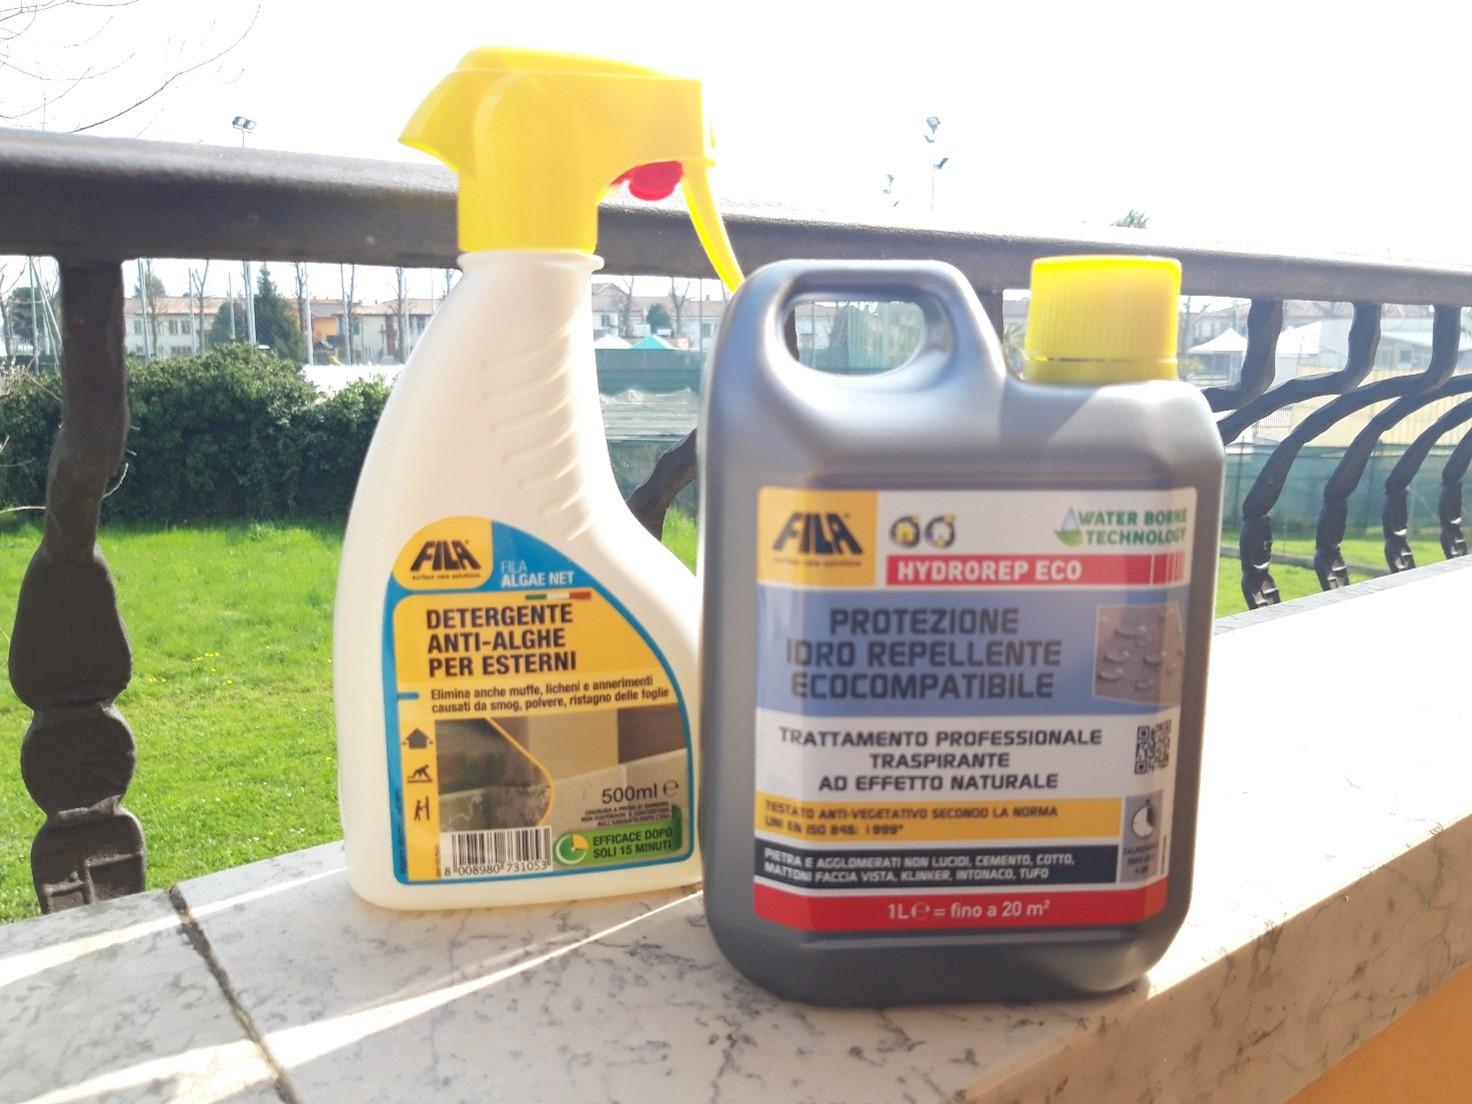 Detergente anti-alghe e idrorepellente